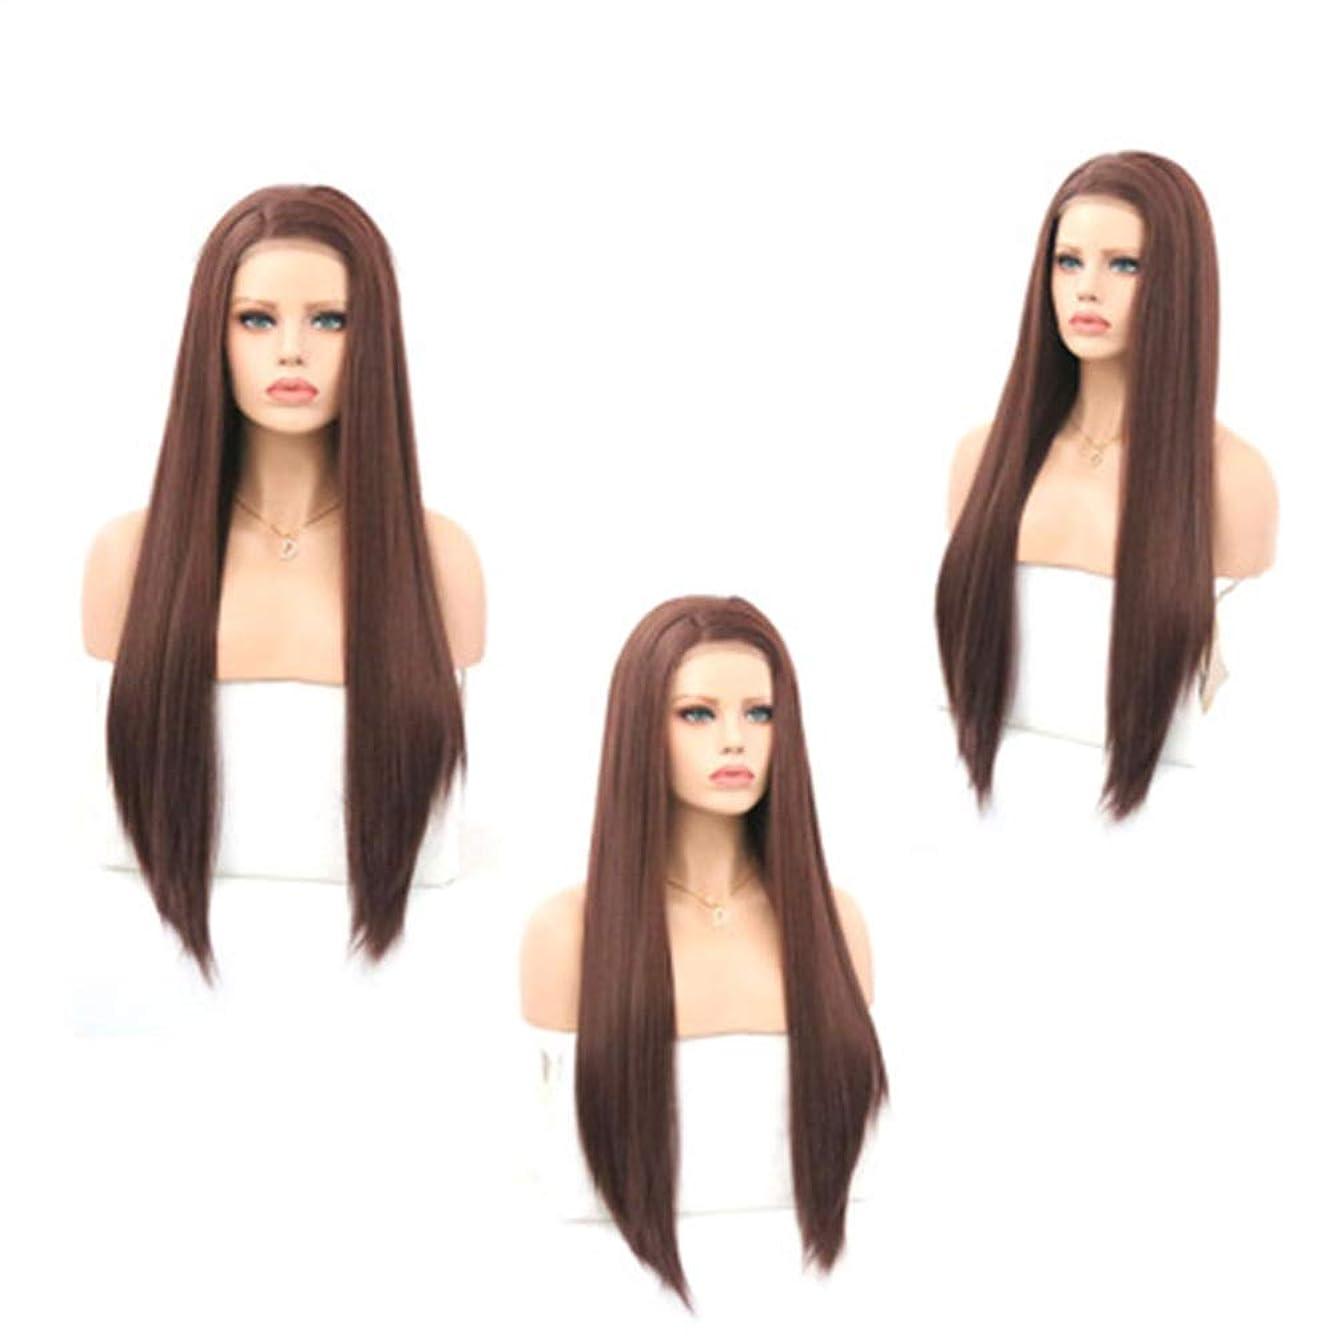 クリスマス記憶ブランド名ZXF 茶色の女性のフロントレースの化学繊維かつらヘッドギア高温シルク半手の長いストレートの髪にフック 美しい